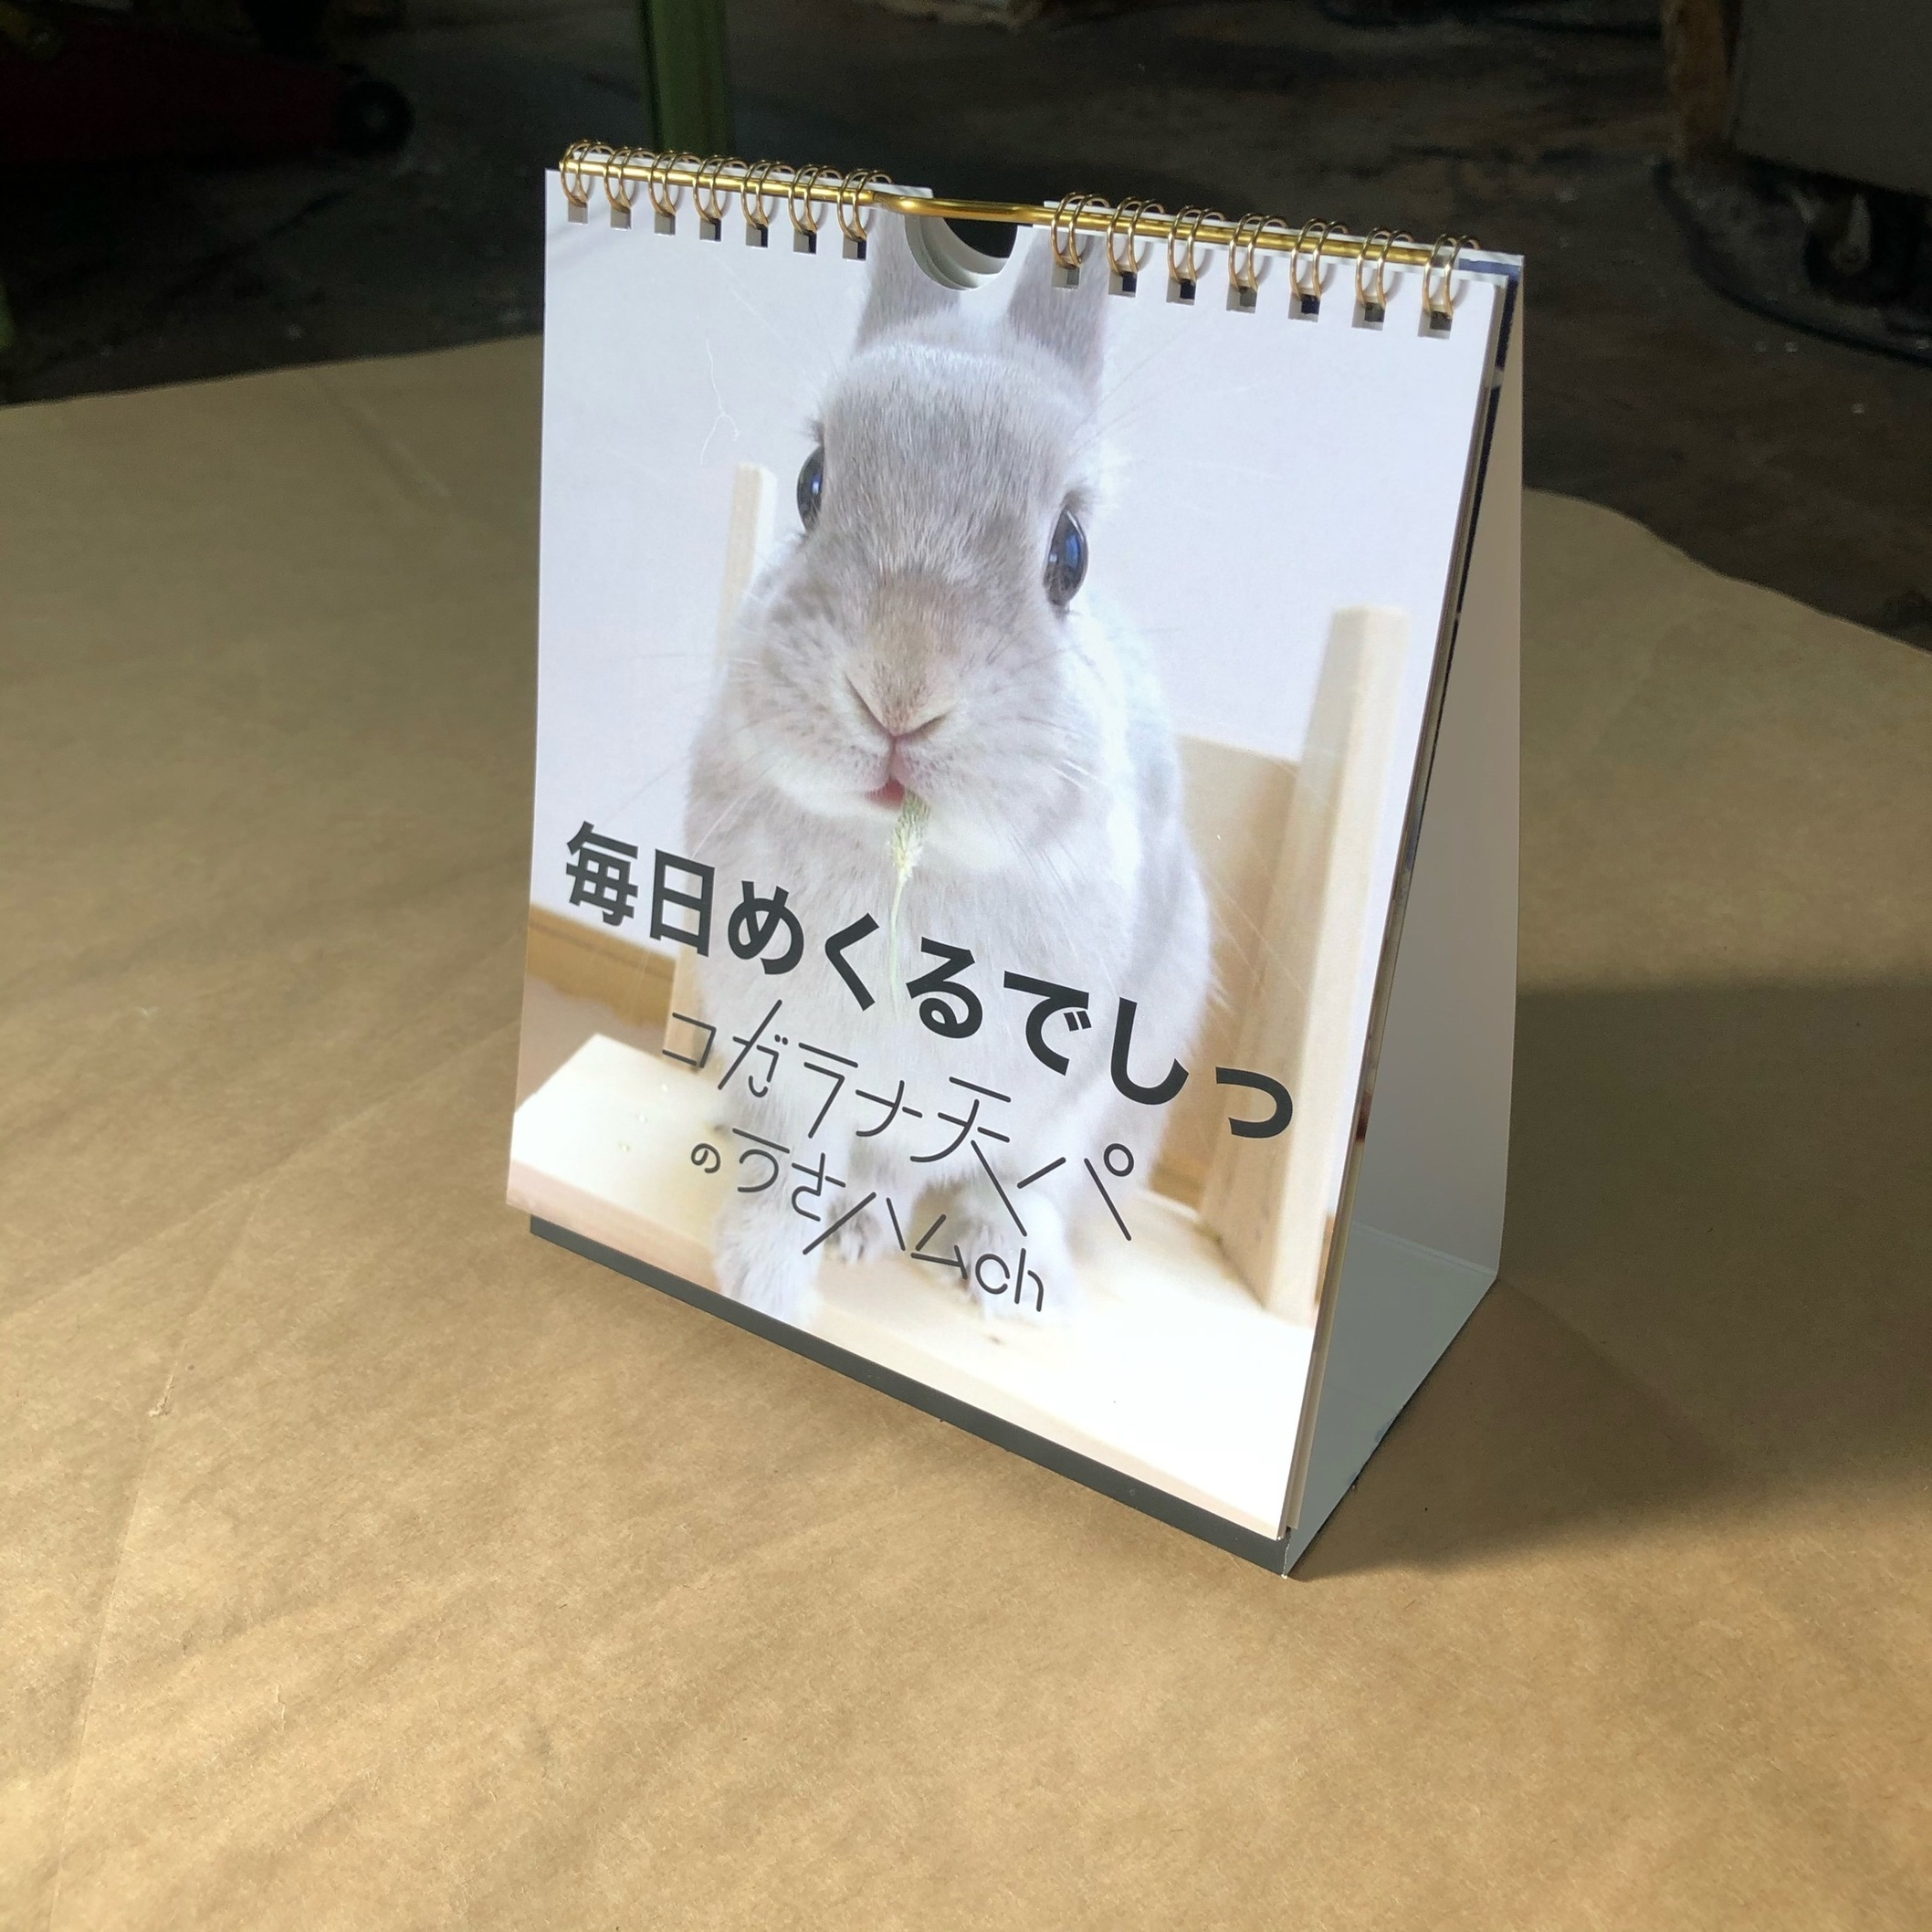 コガラナ天パのうさハムch ぽぽちゃん日めくりカレンダー